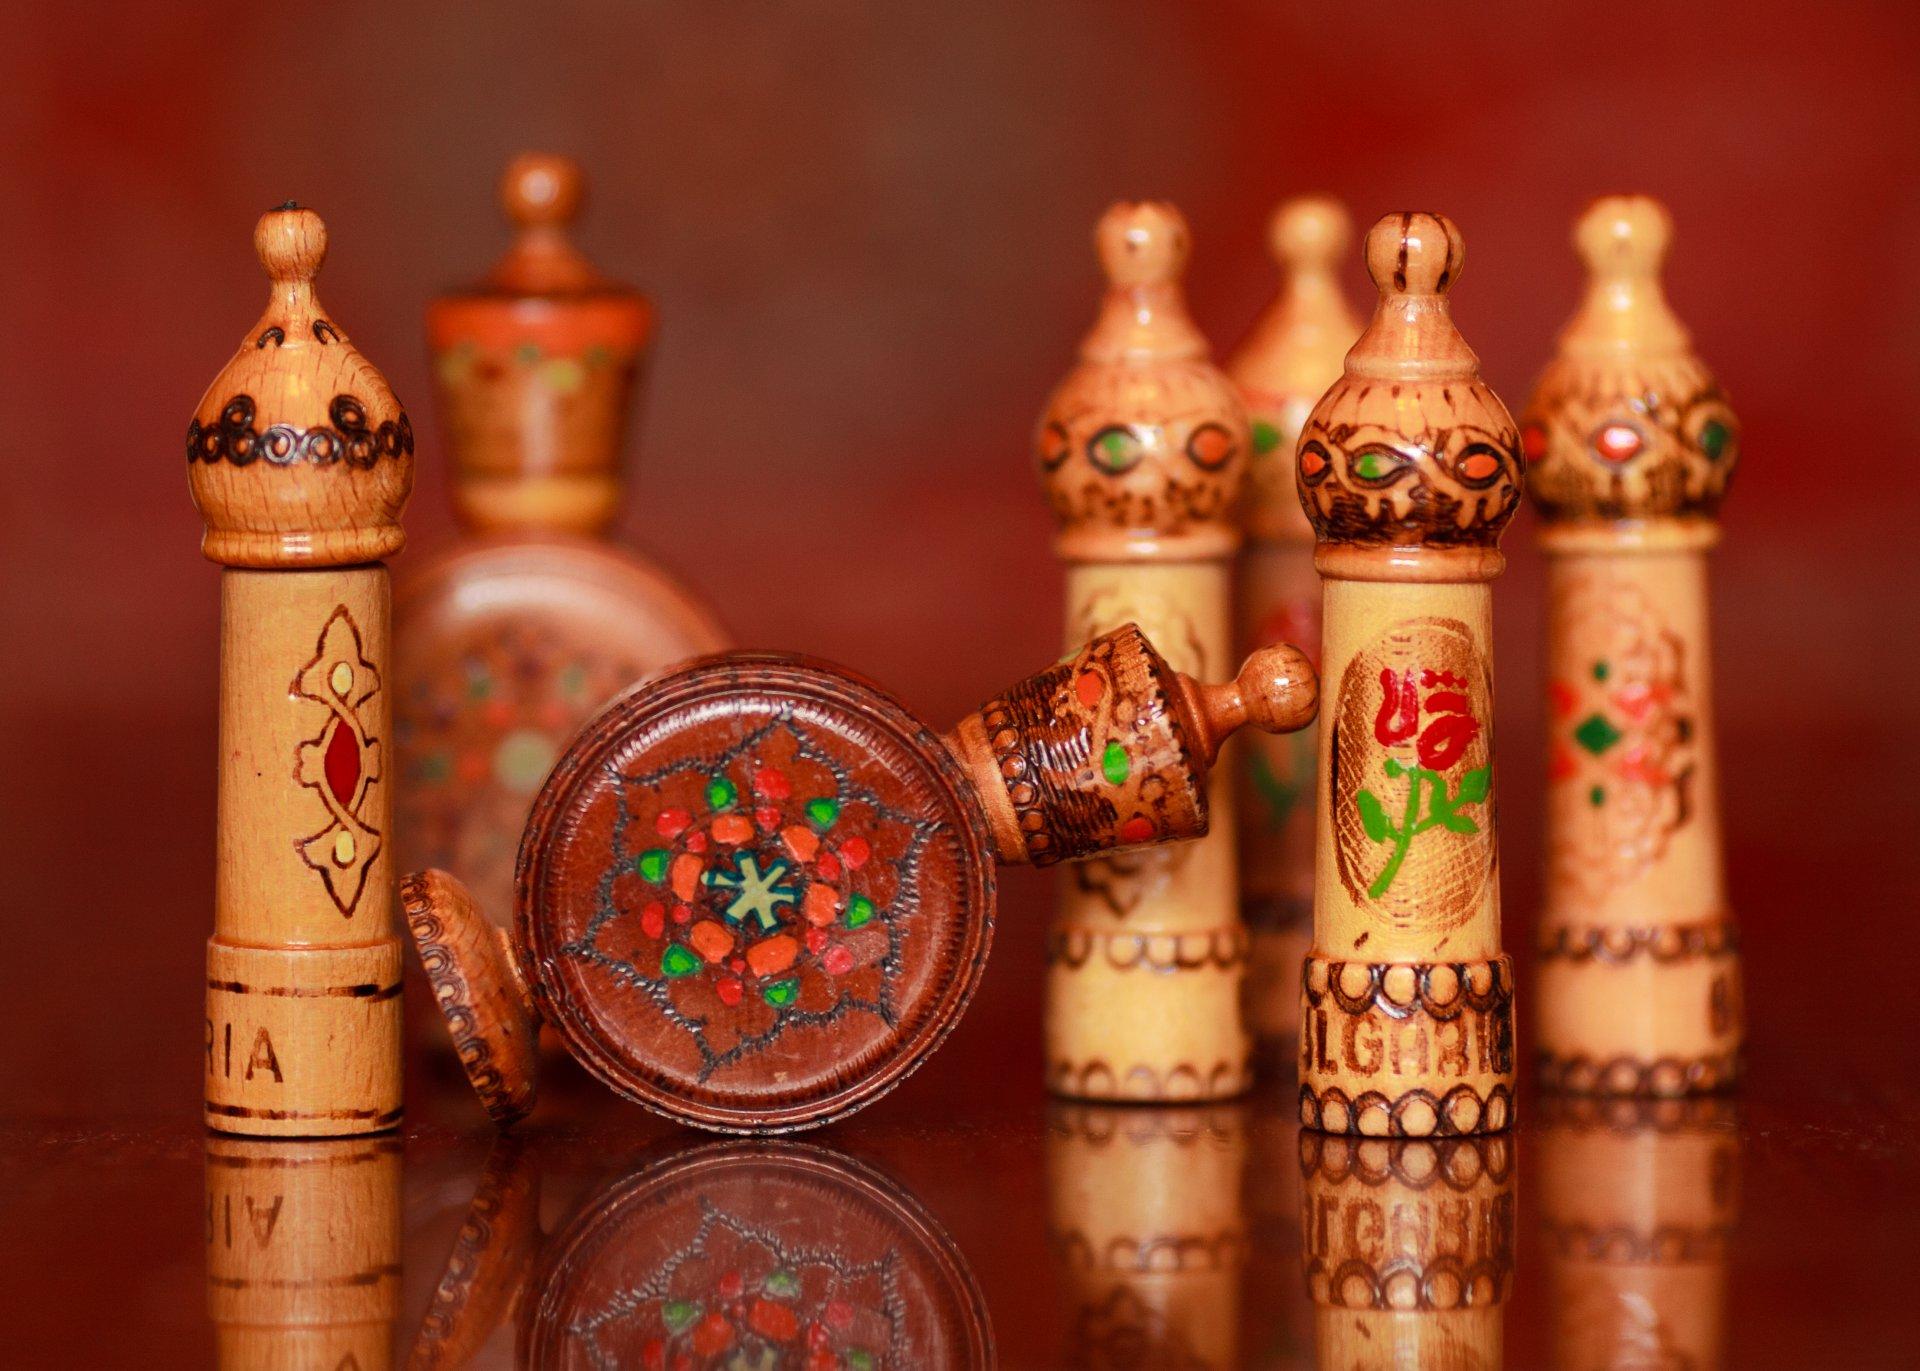 Что привезти из Болгарии: подарки, сувениры, цены и отзывы 67